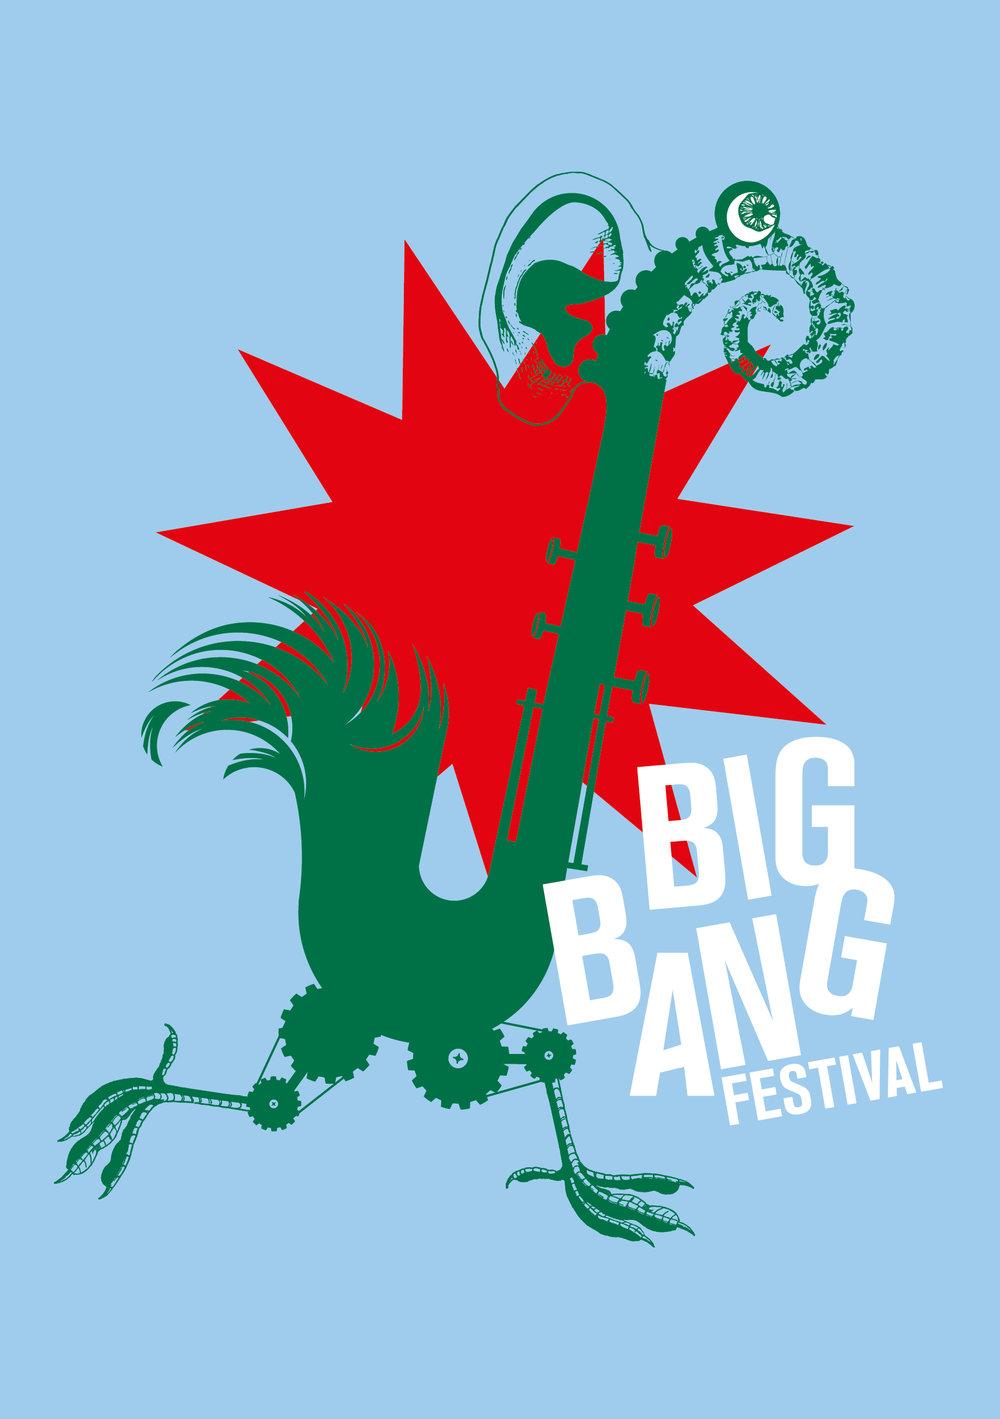 bigbang-2018-2019.jpg